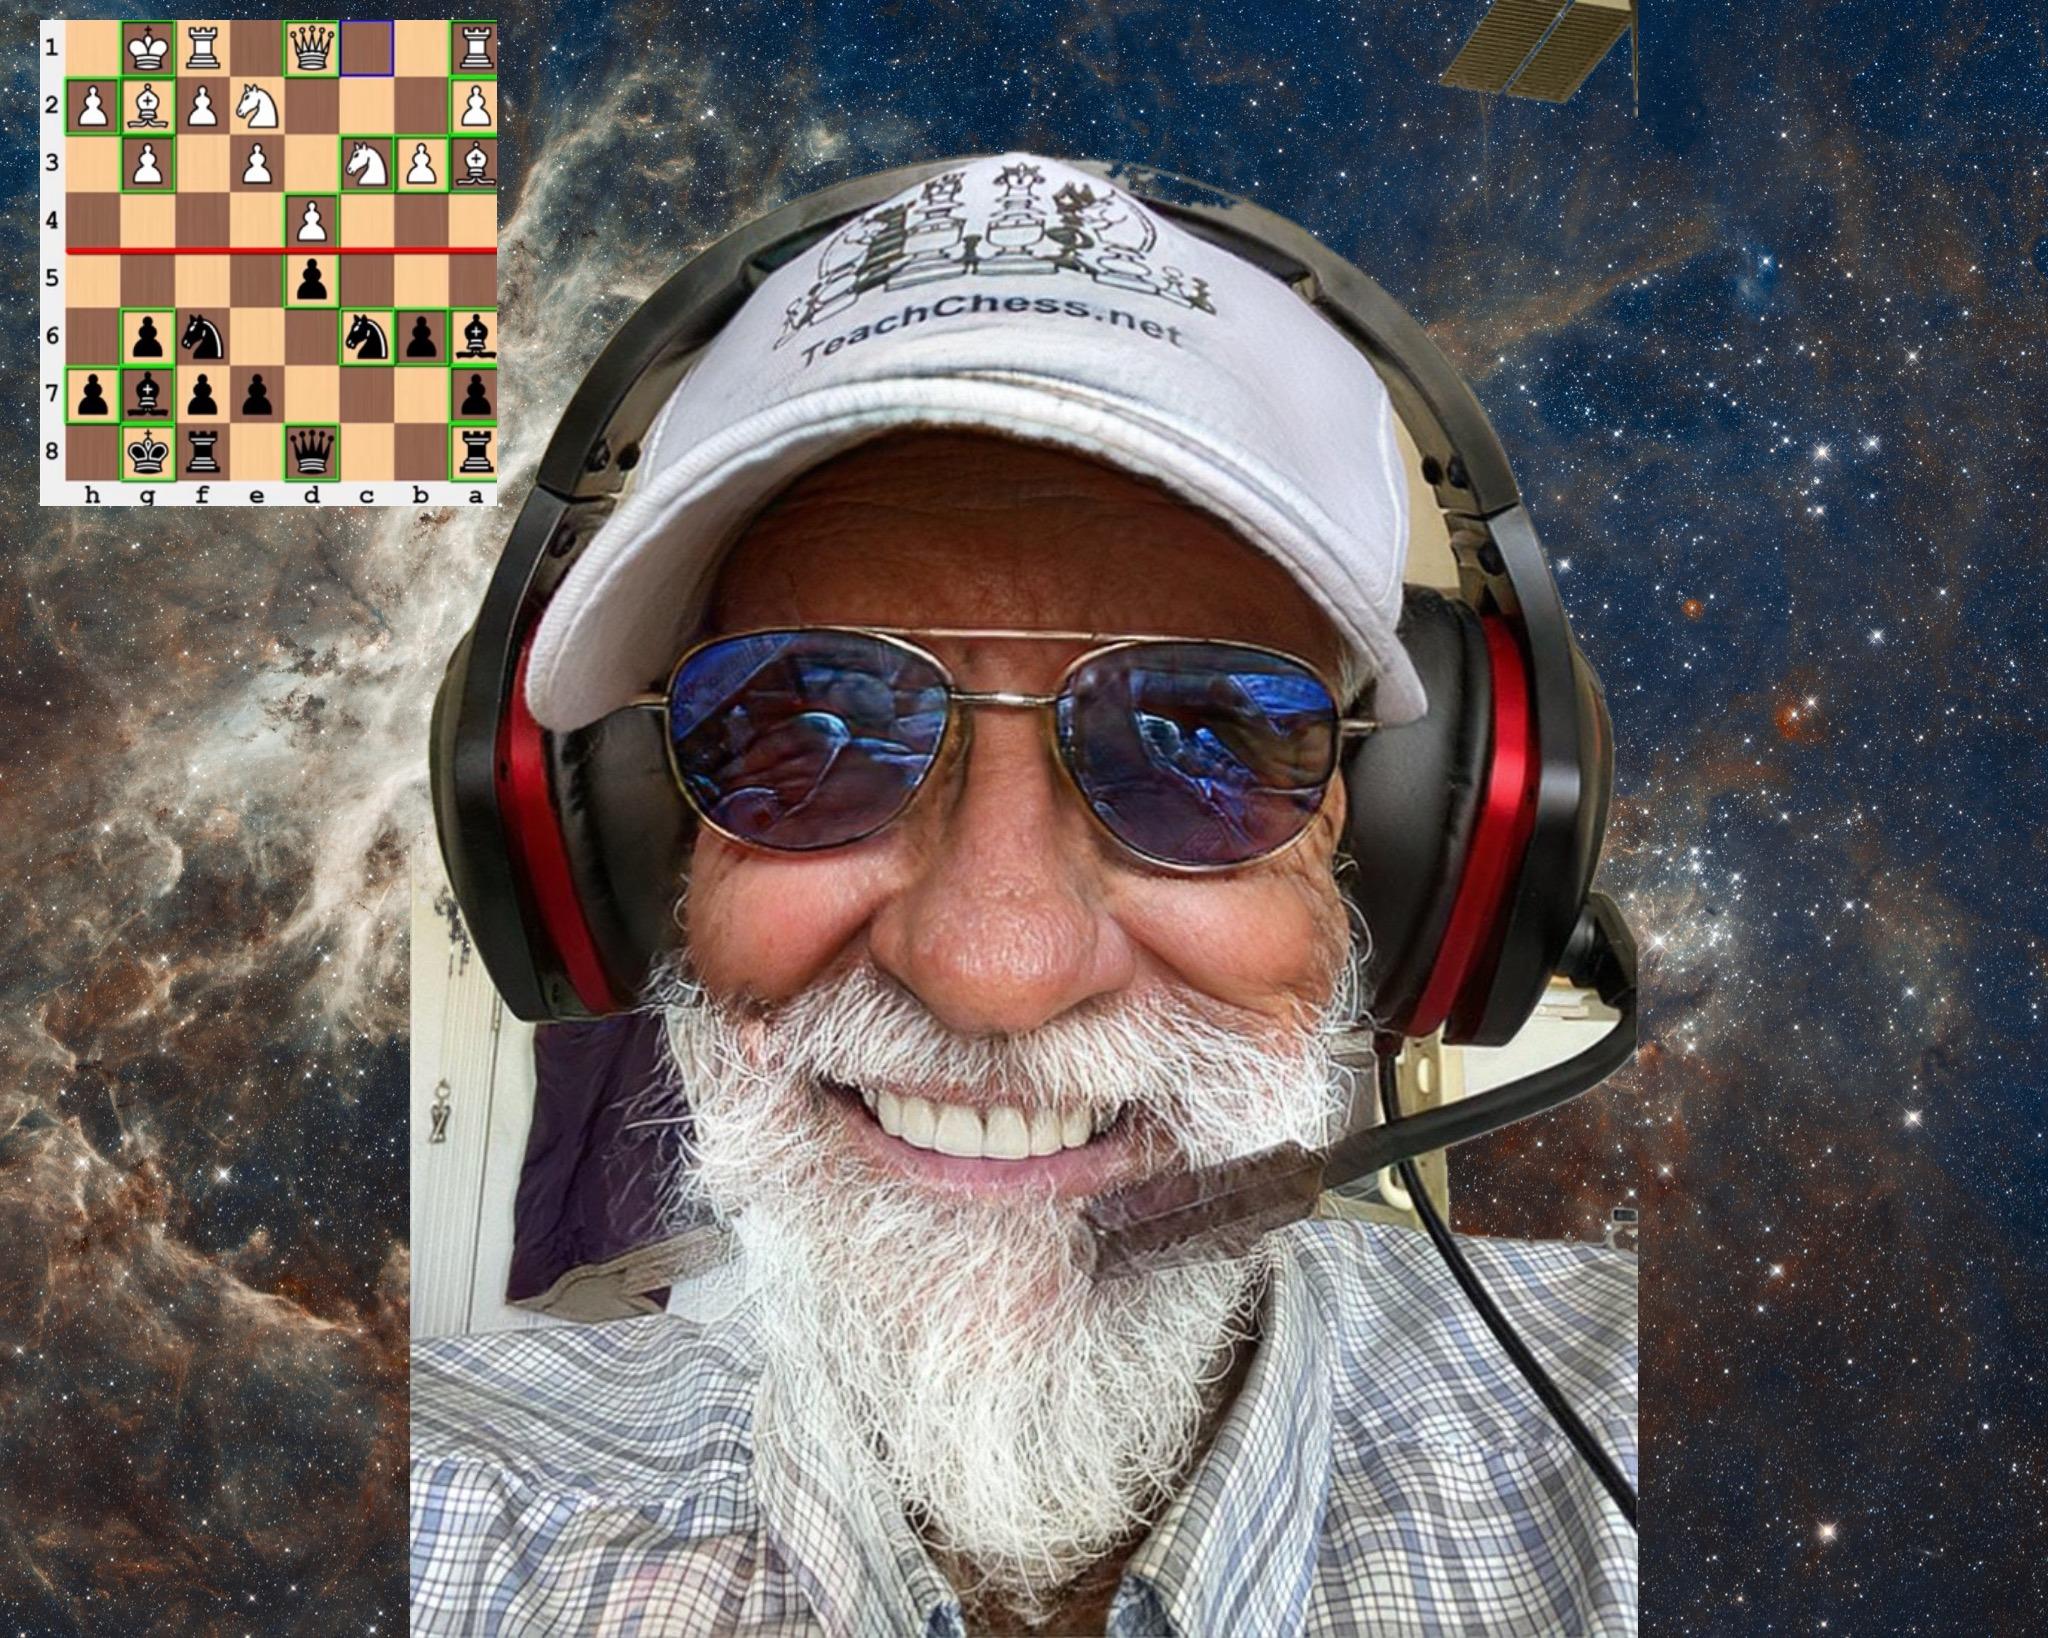 Chess Curator.com